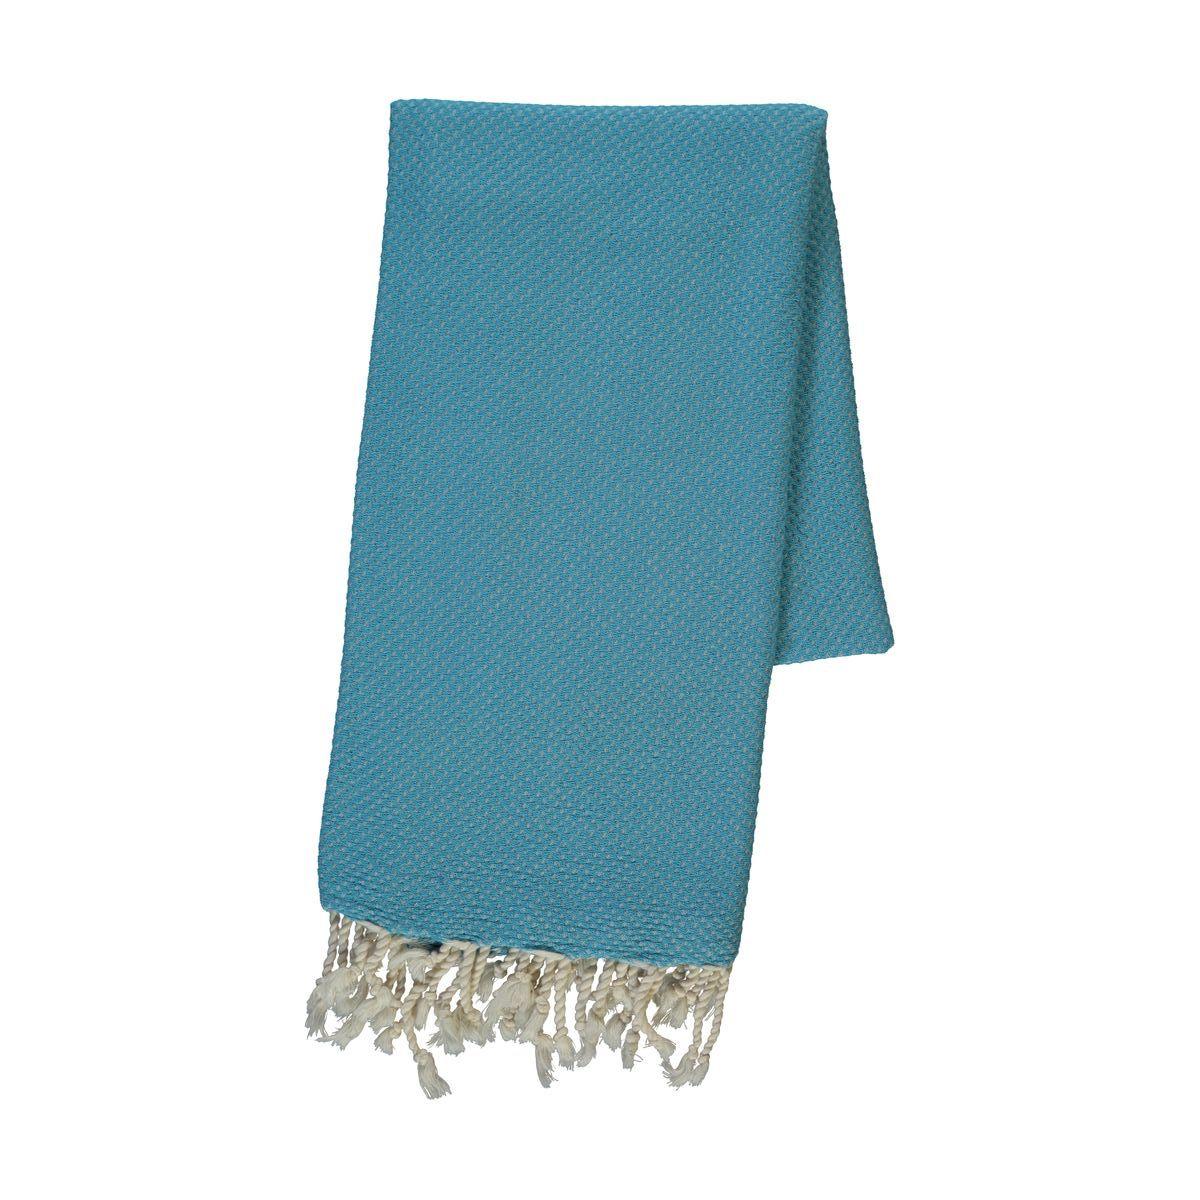 Peshtemal Dama - Turquoise